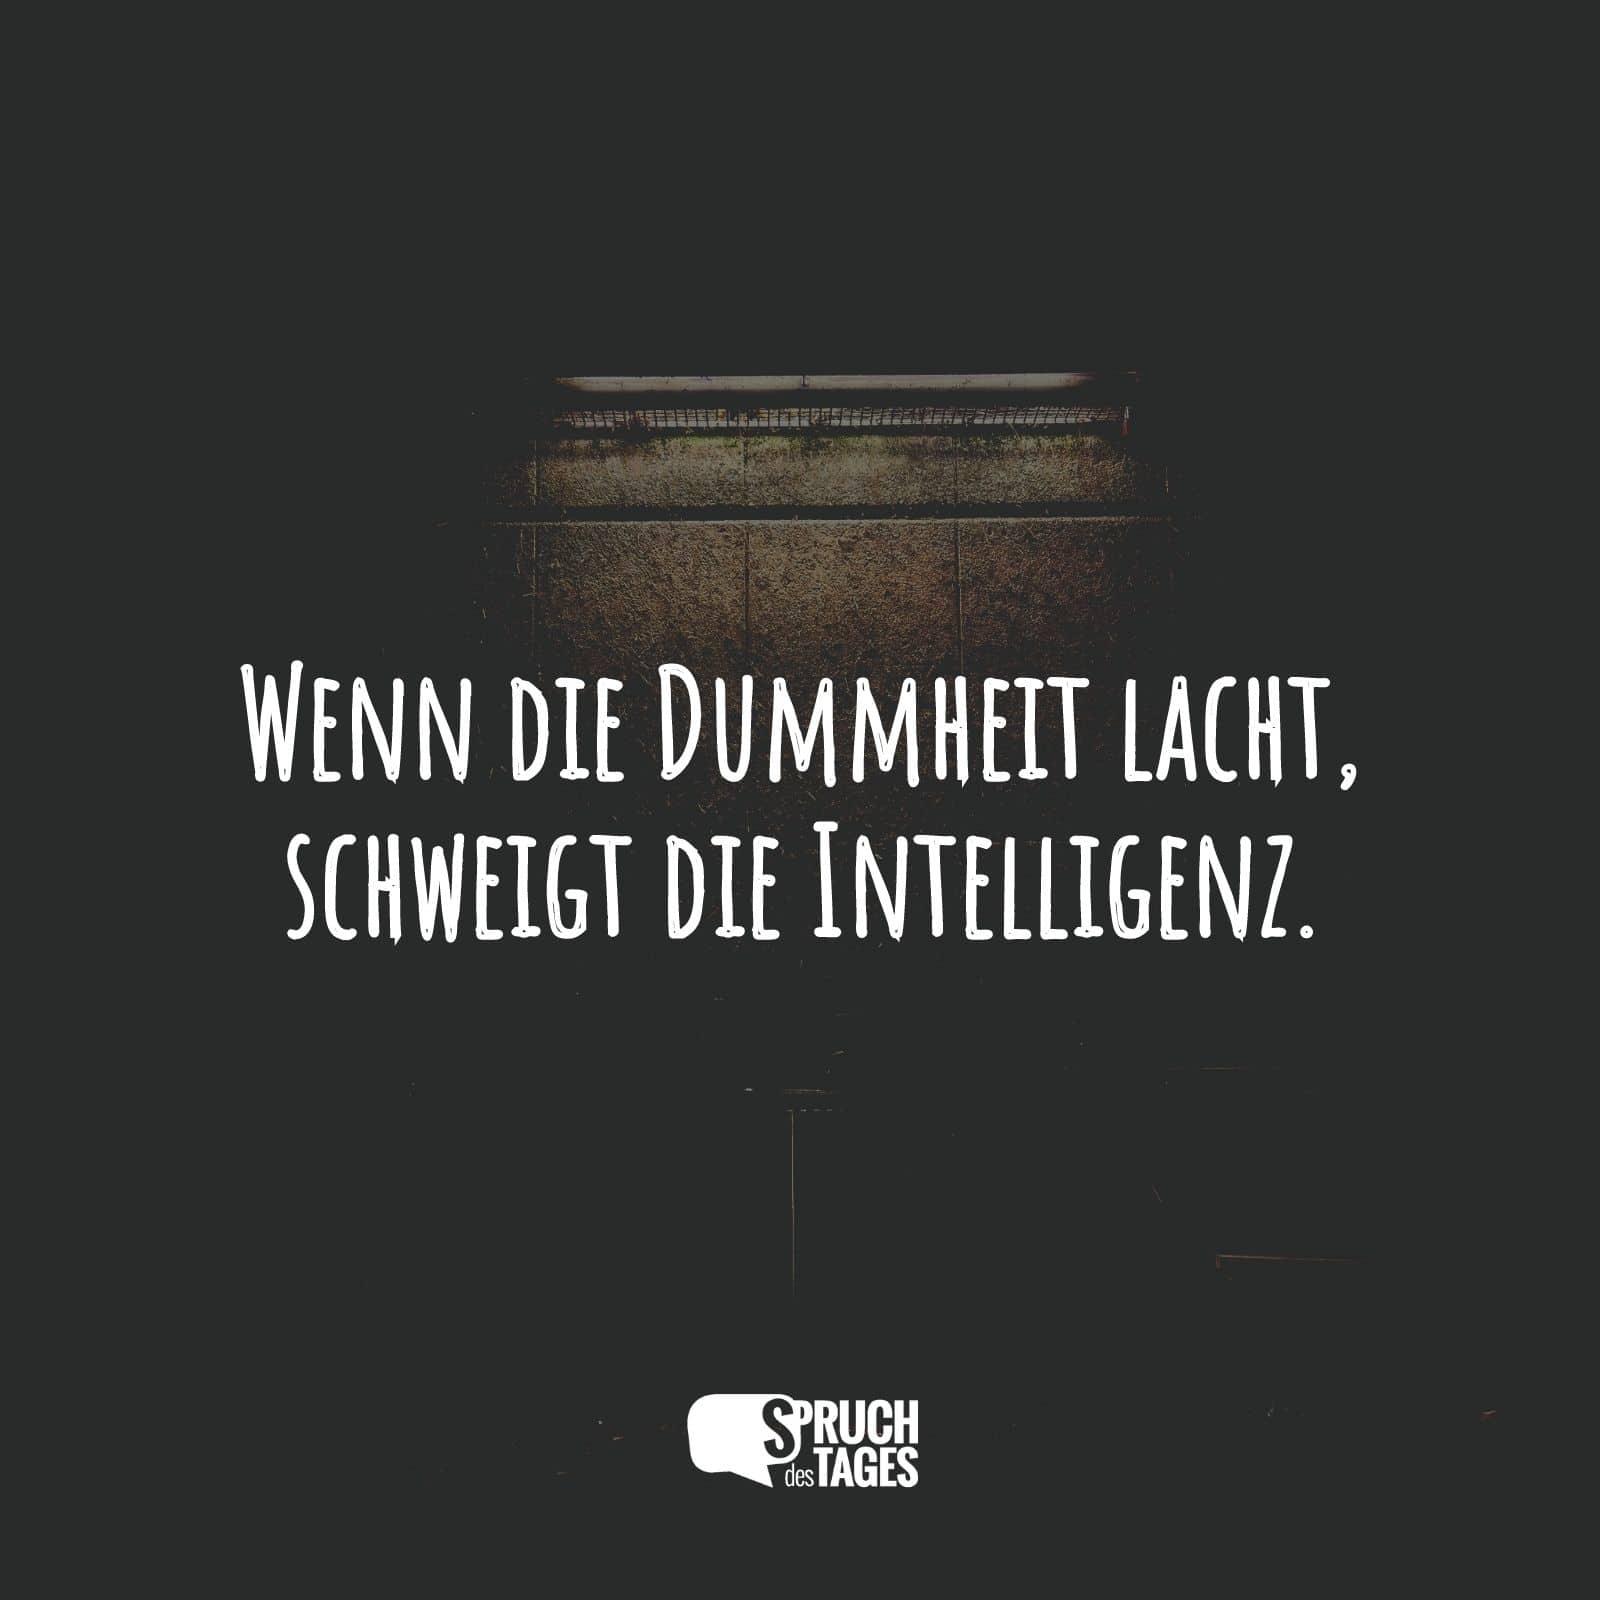 Wenn die Dummheit lacht, schweigt die Intelligenz.